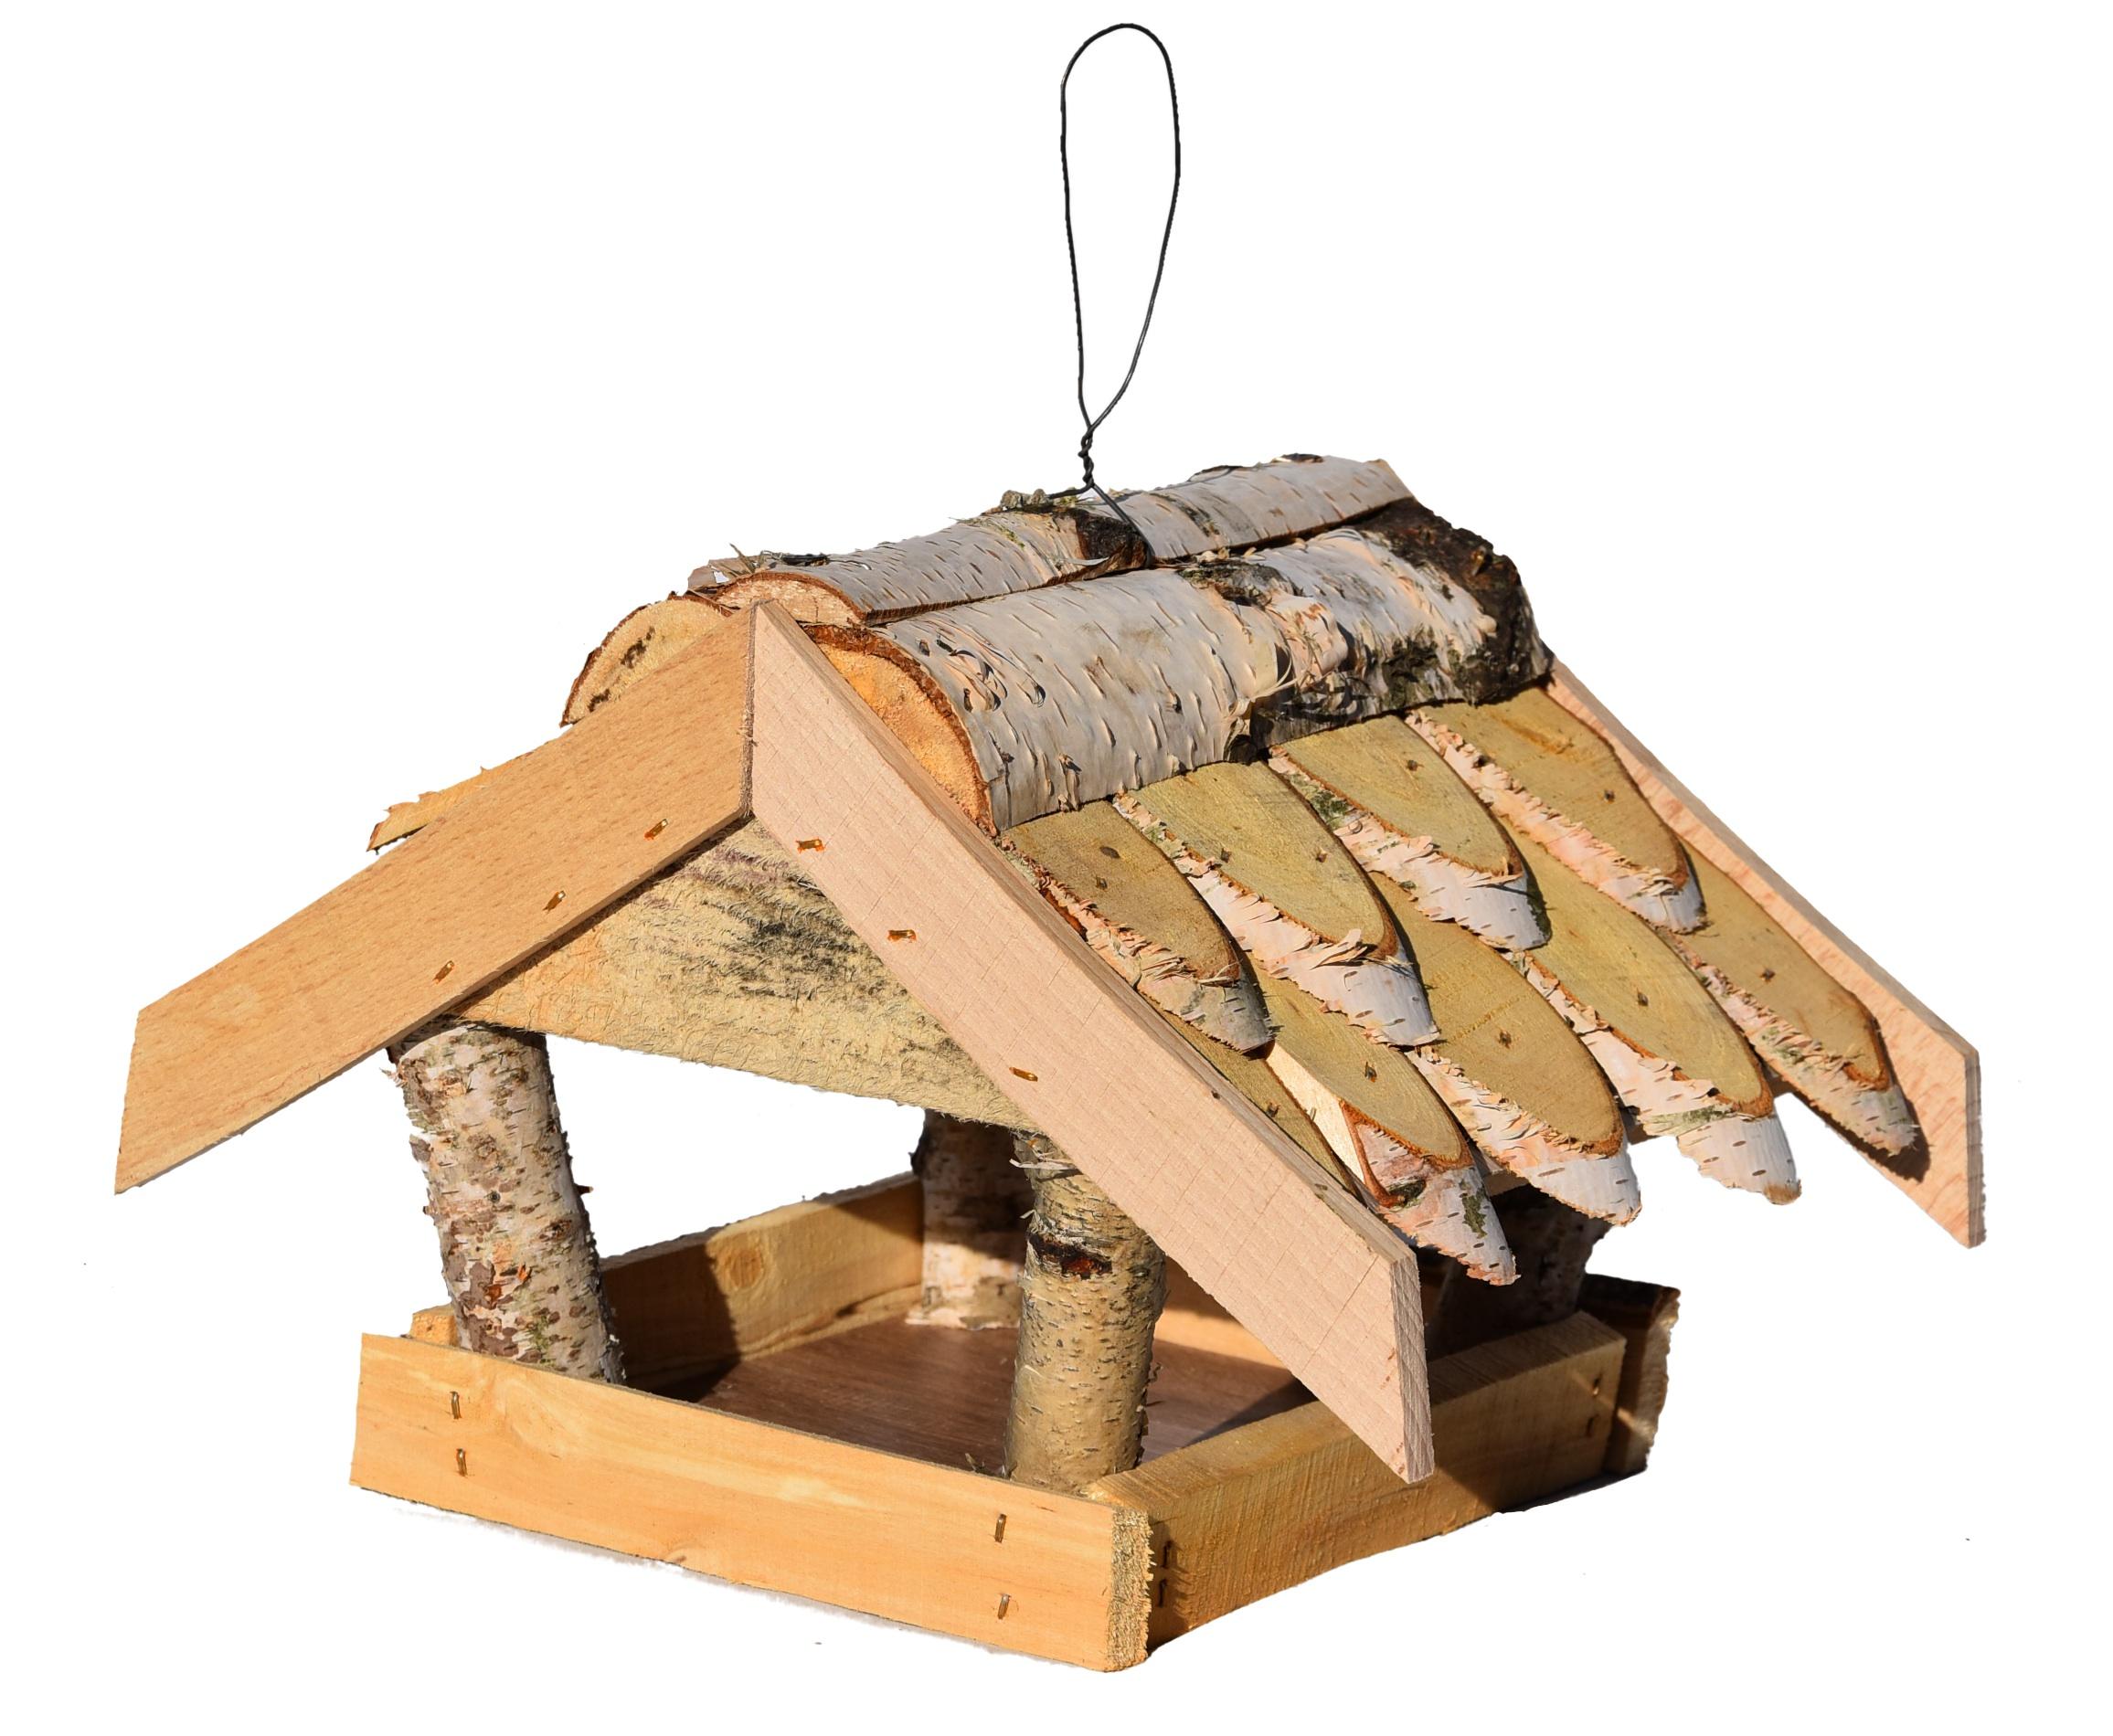 огромное пошаговое фото изготовления деревянной кормушки чувствовала самое отношению